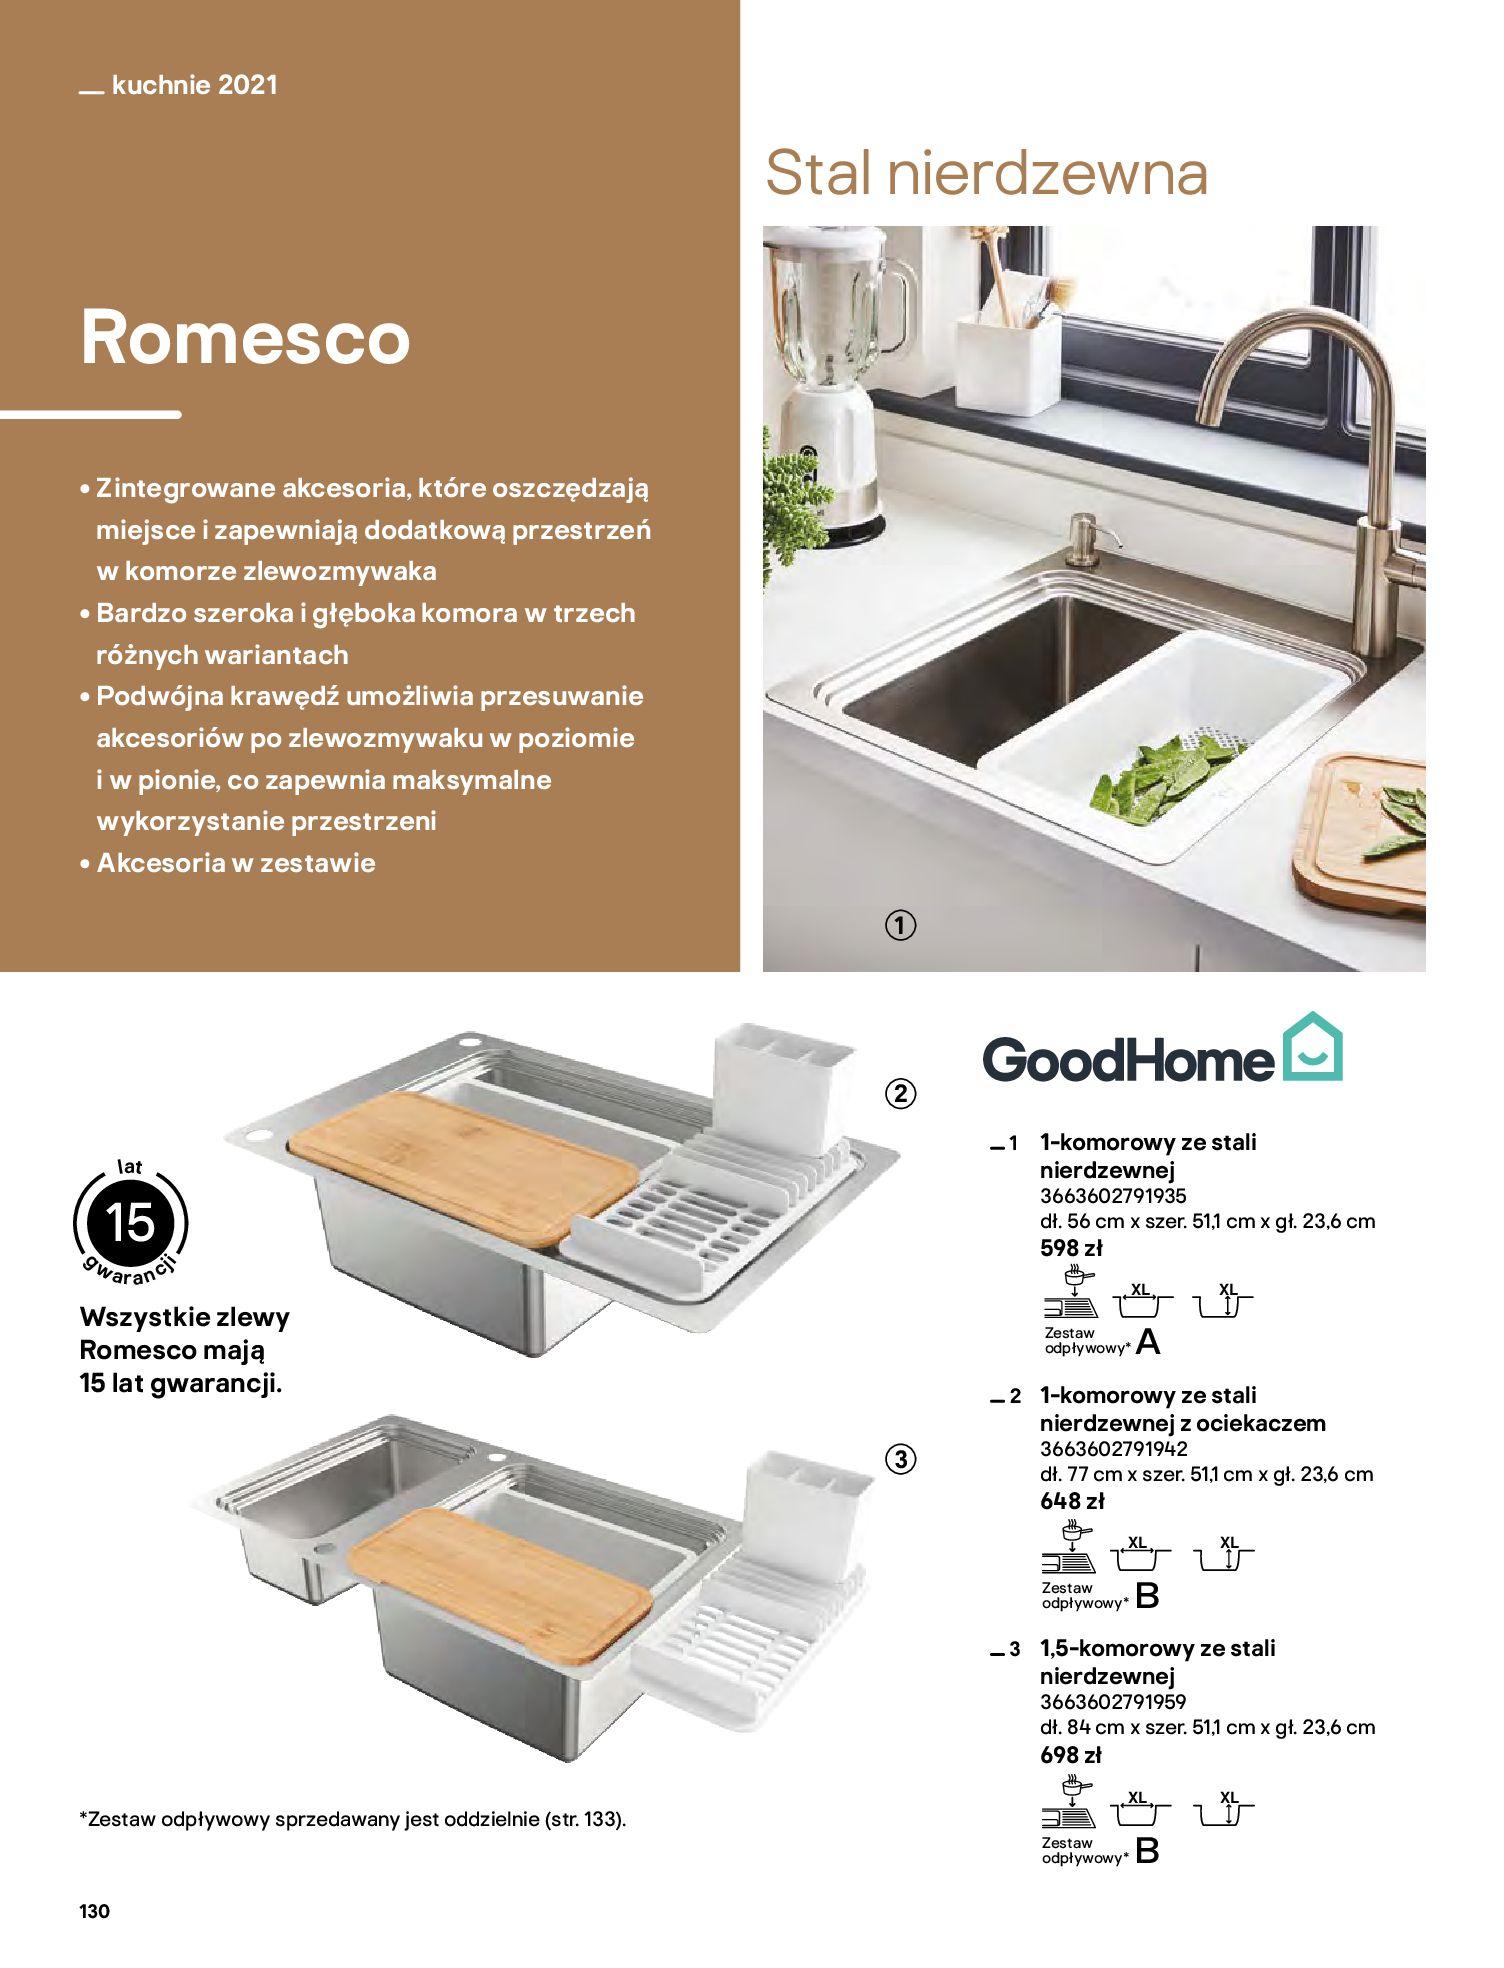 Gazetka Castorama: Katalog kuchnie 2021 2021-05-04 page-130